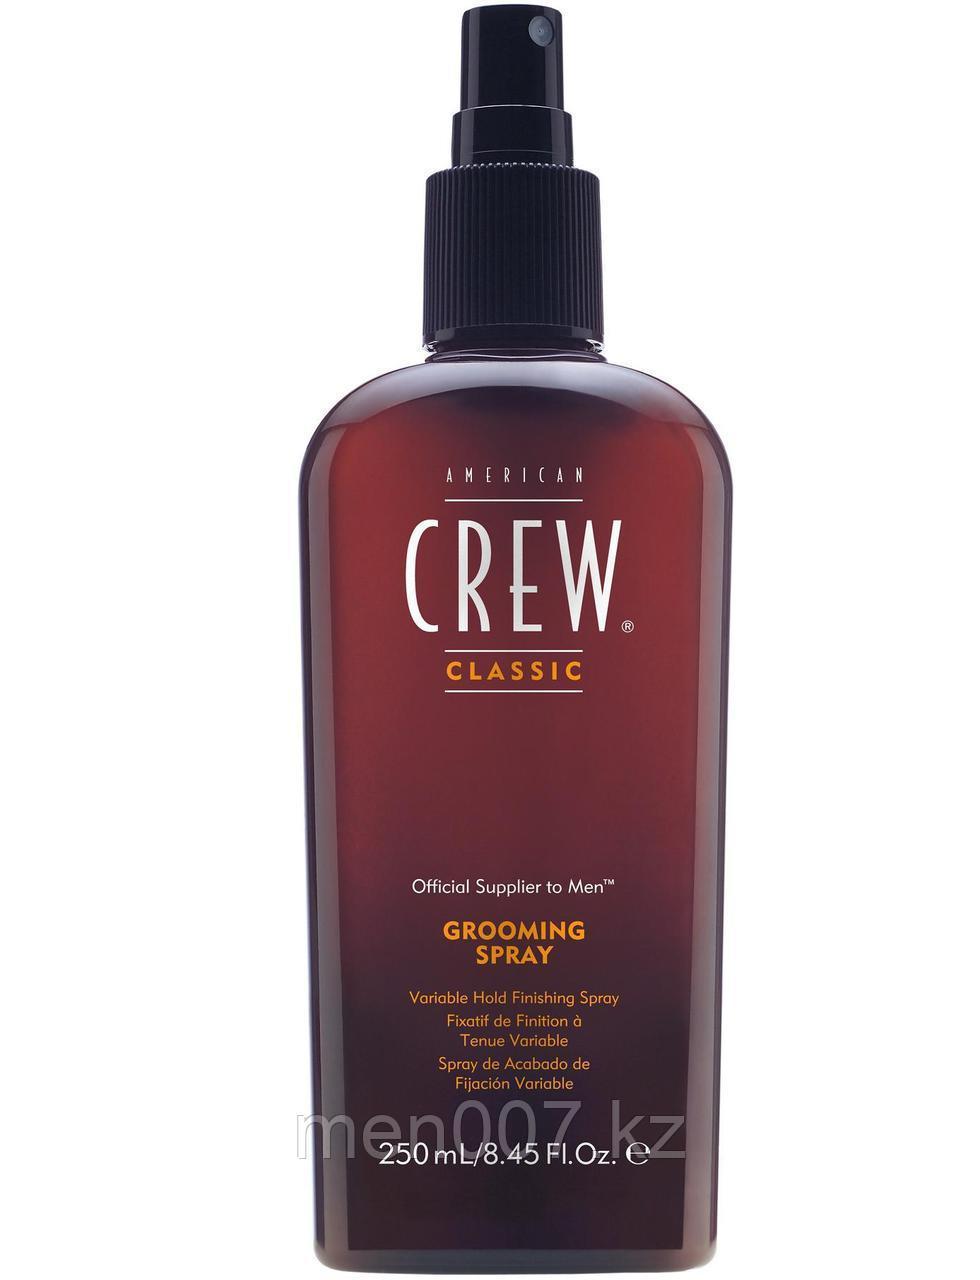 American Crew (Спрей для финальной укладки волос) 250 мл